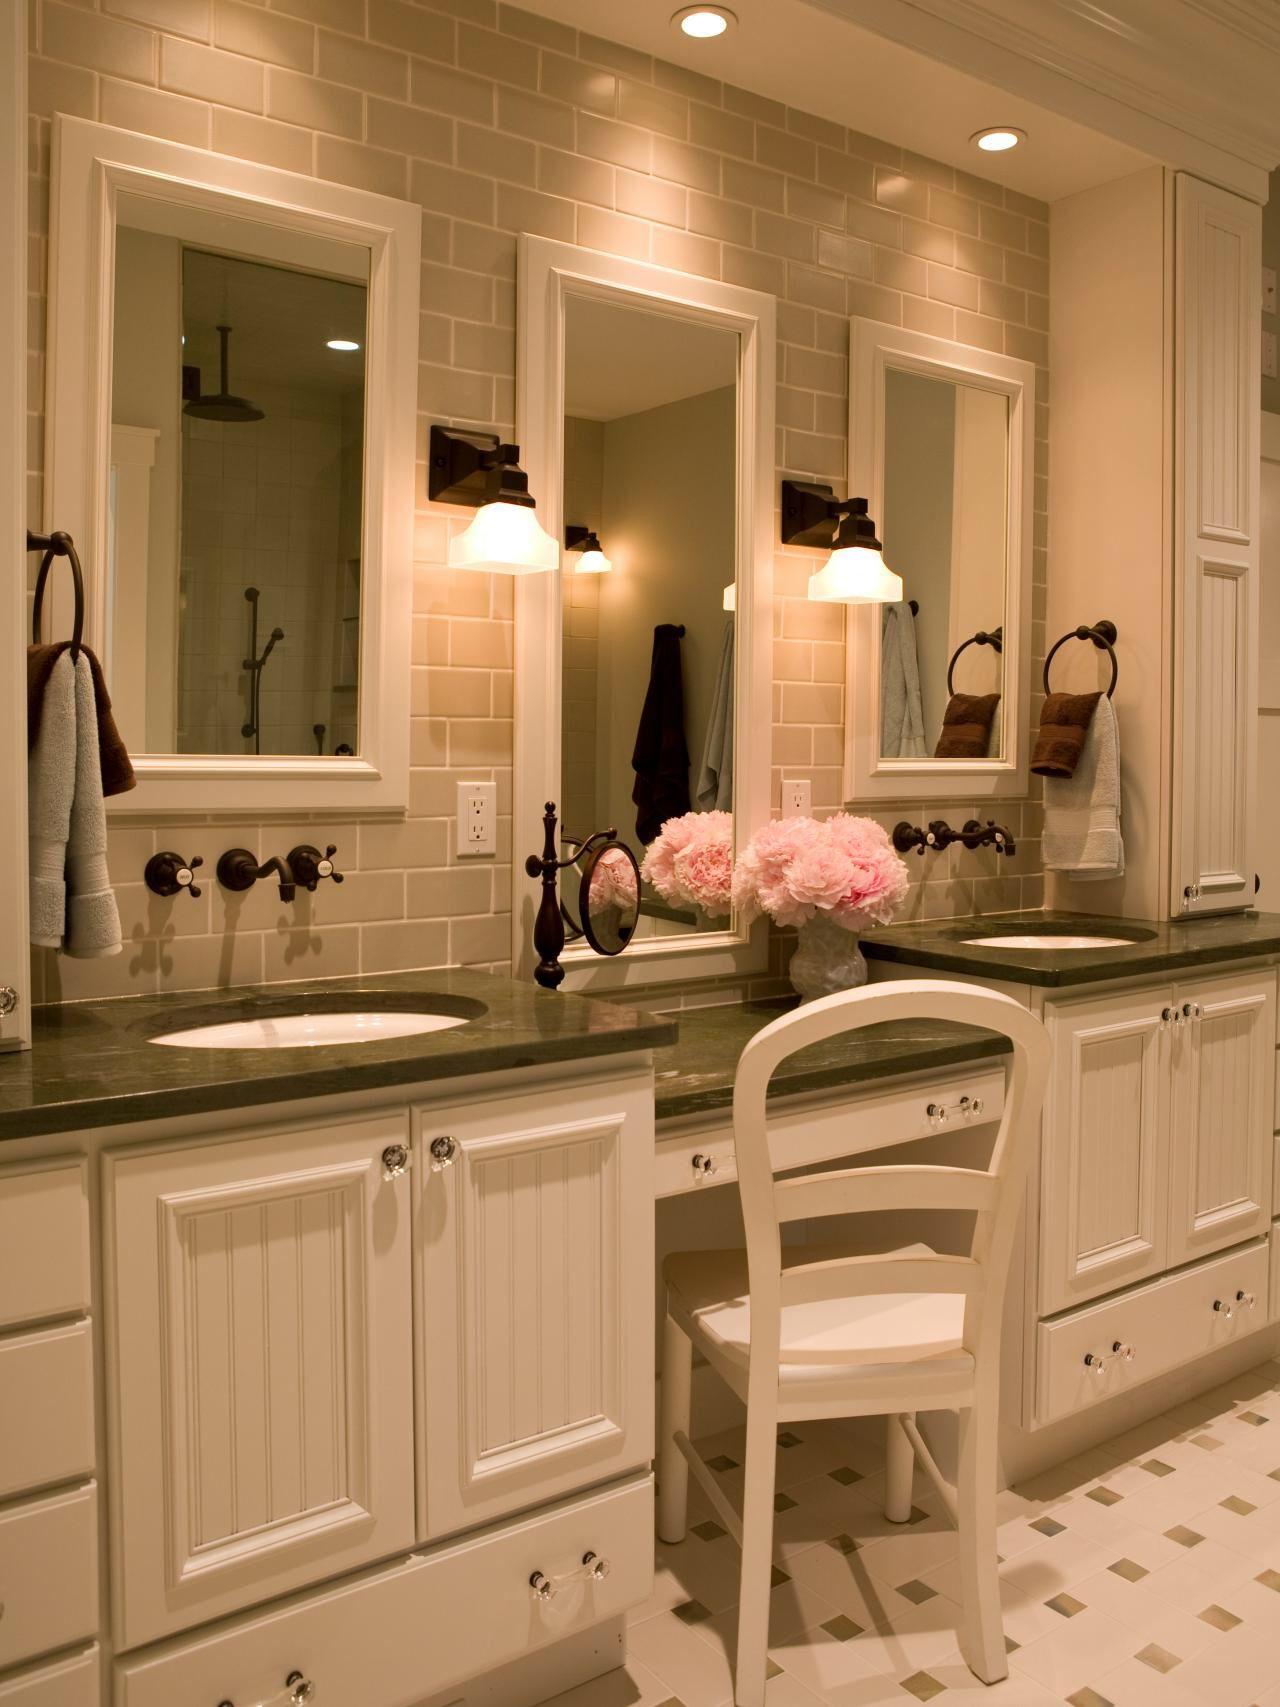 Contemporary Art Websites bathroom vanity with makeup area Google Search Interior Ideas Pinterest Bathroom vanities Vanities and Google search